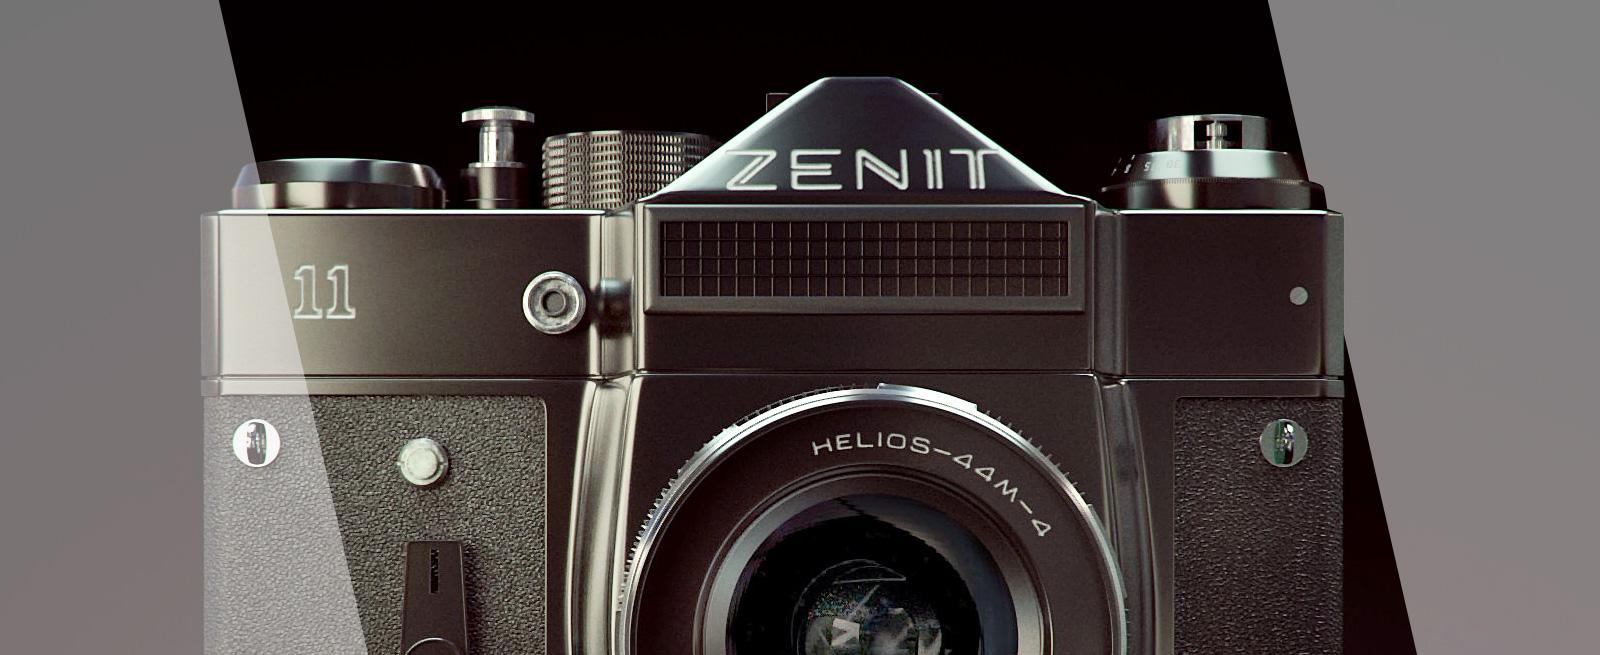 Zenit 11 / <span>Wizualizacje 3D</span>